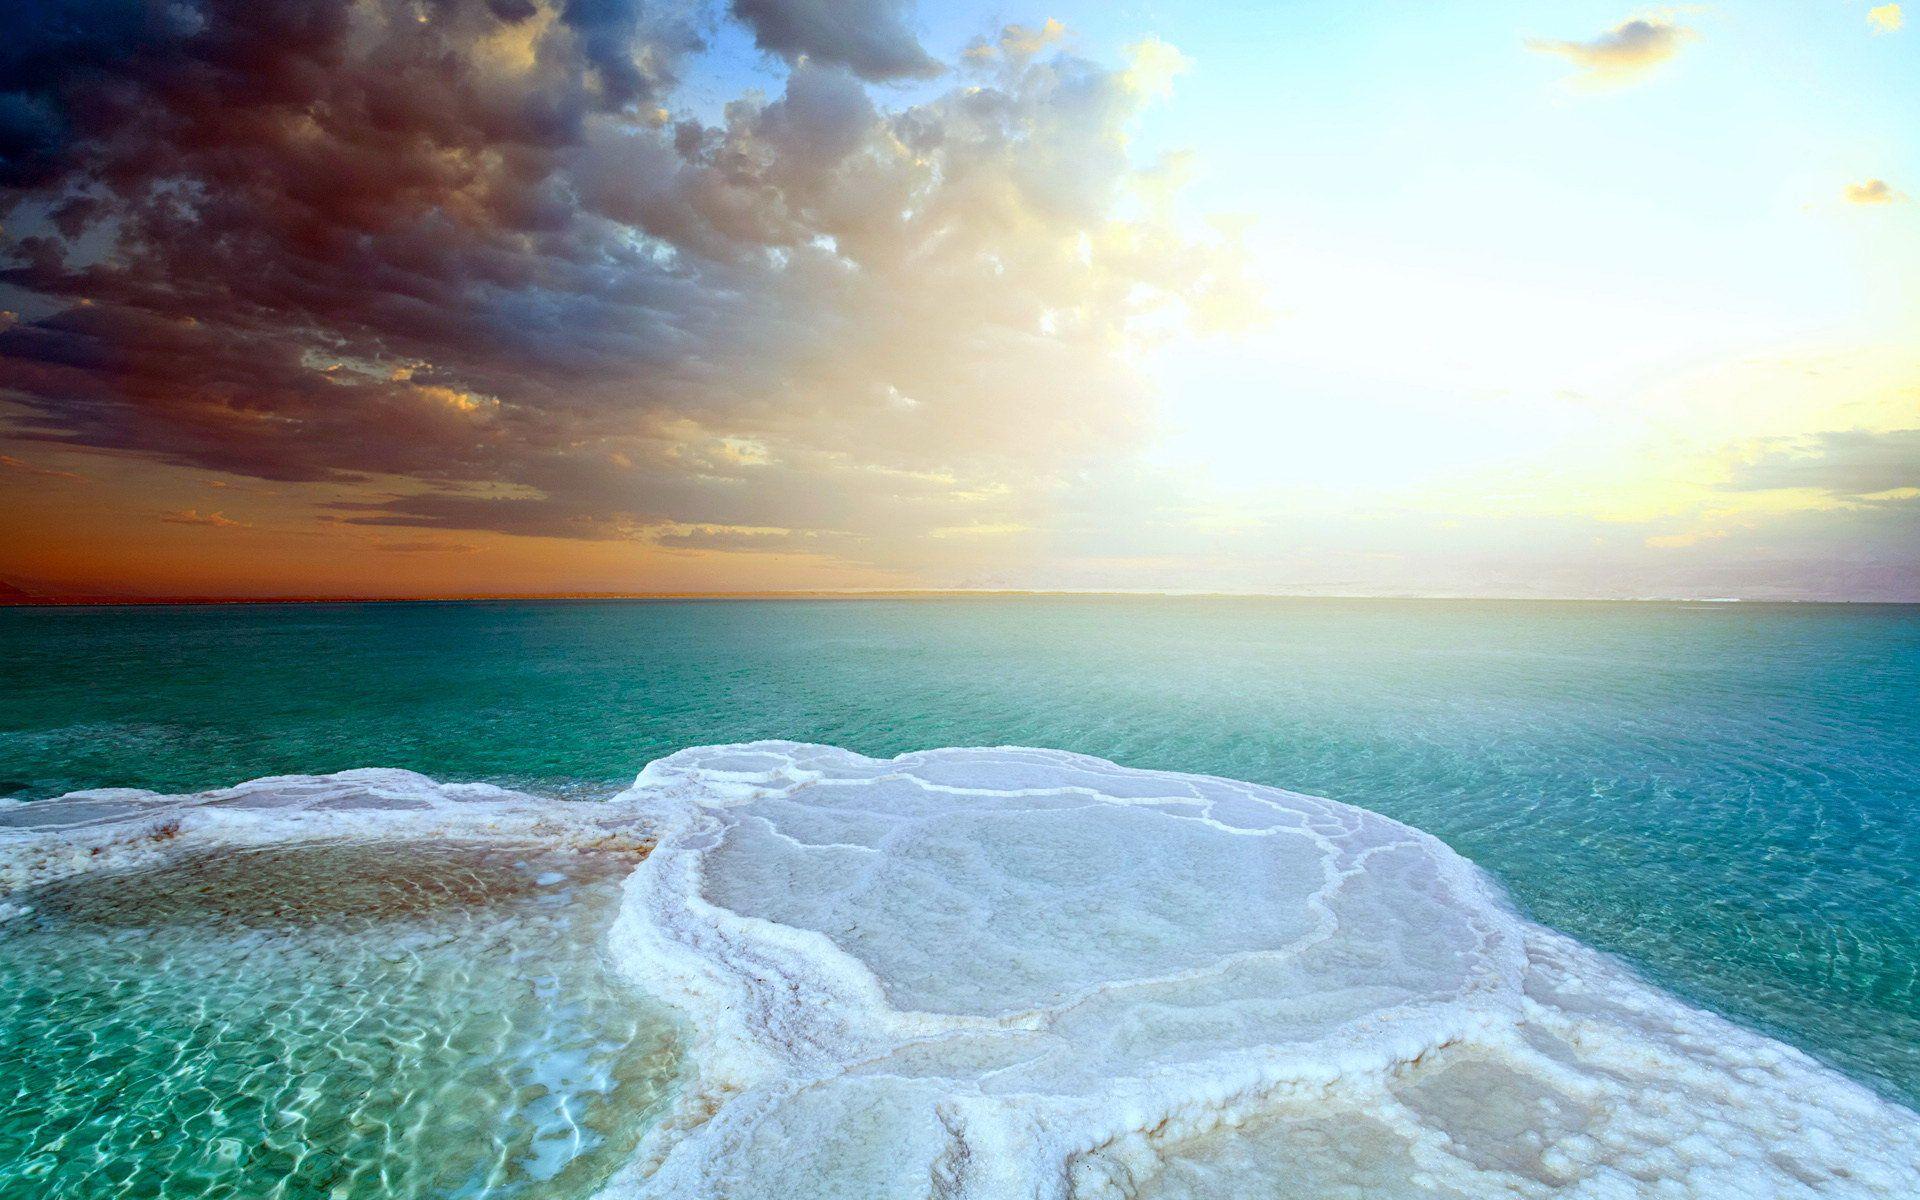 Αλάτι Νεκράς Θάλασσας ιδιότητες: Η φυσική λύση για το ξηρό, θαμπό δέρμα και τις μυαλγίες [vid]